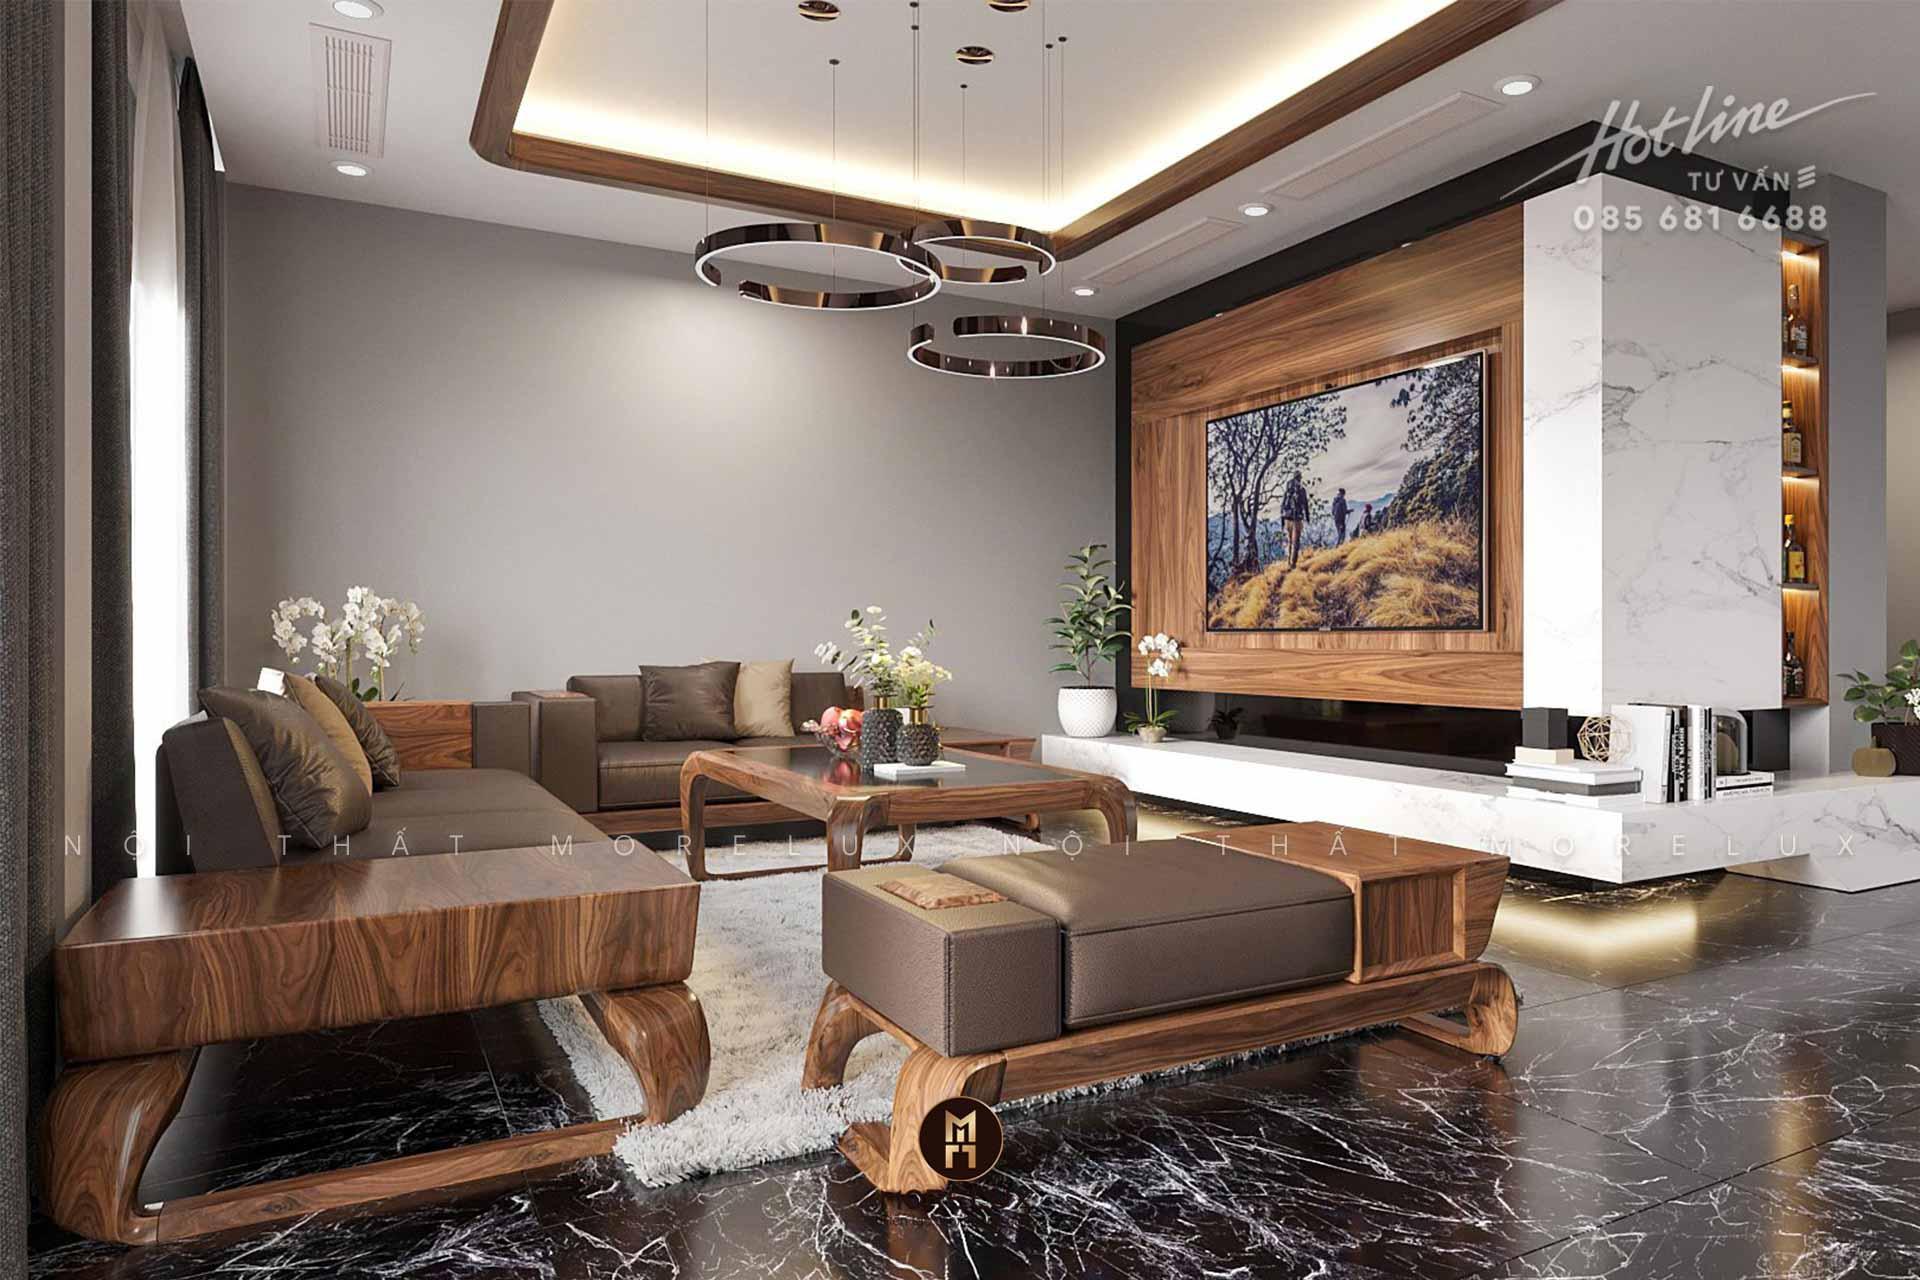 Thiết kế nội thất gỗ óc chó nhà phố